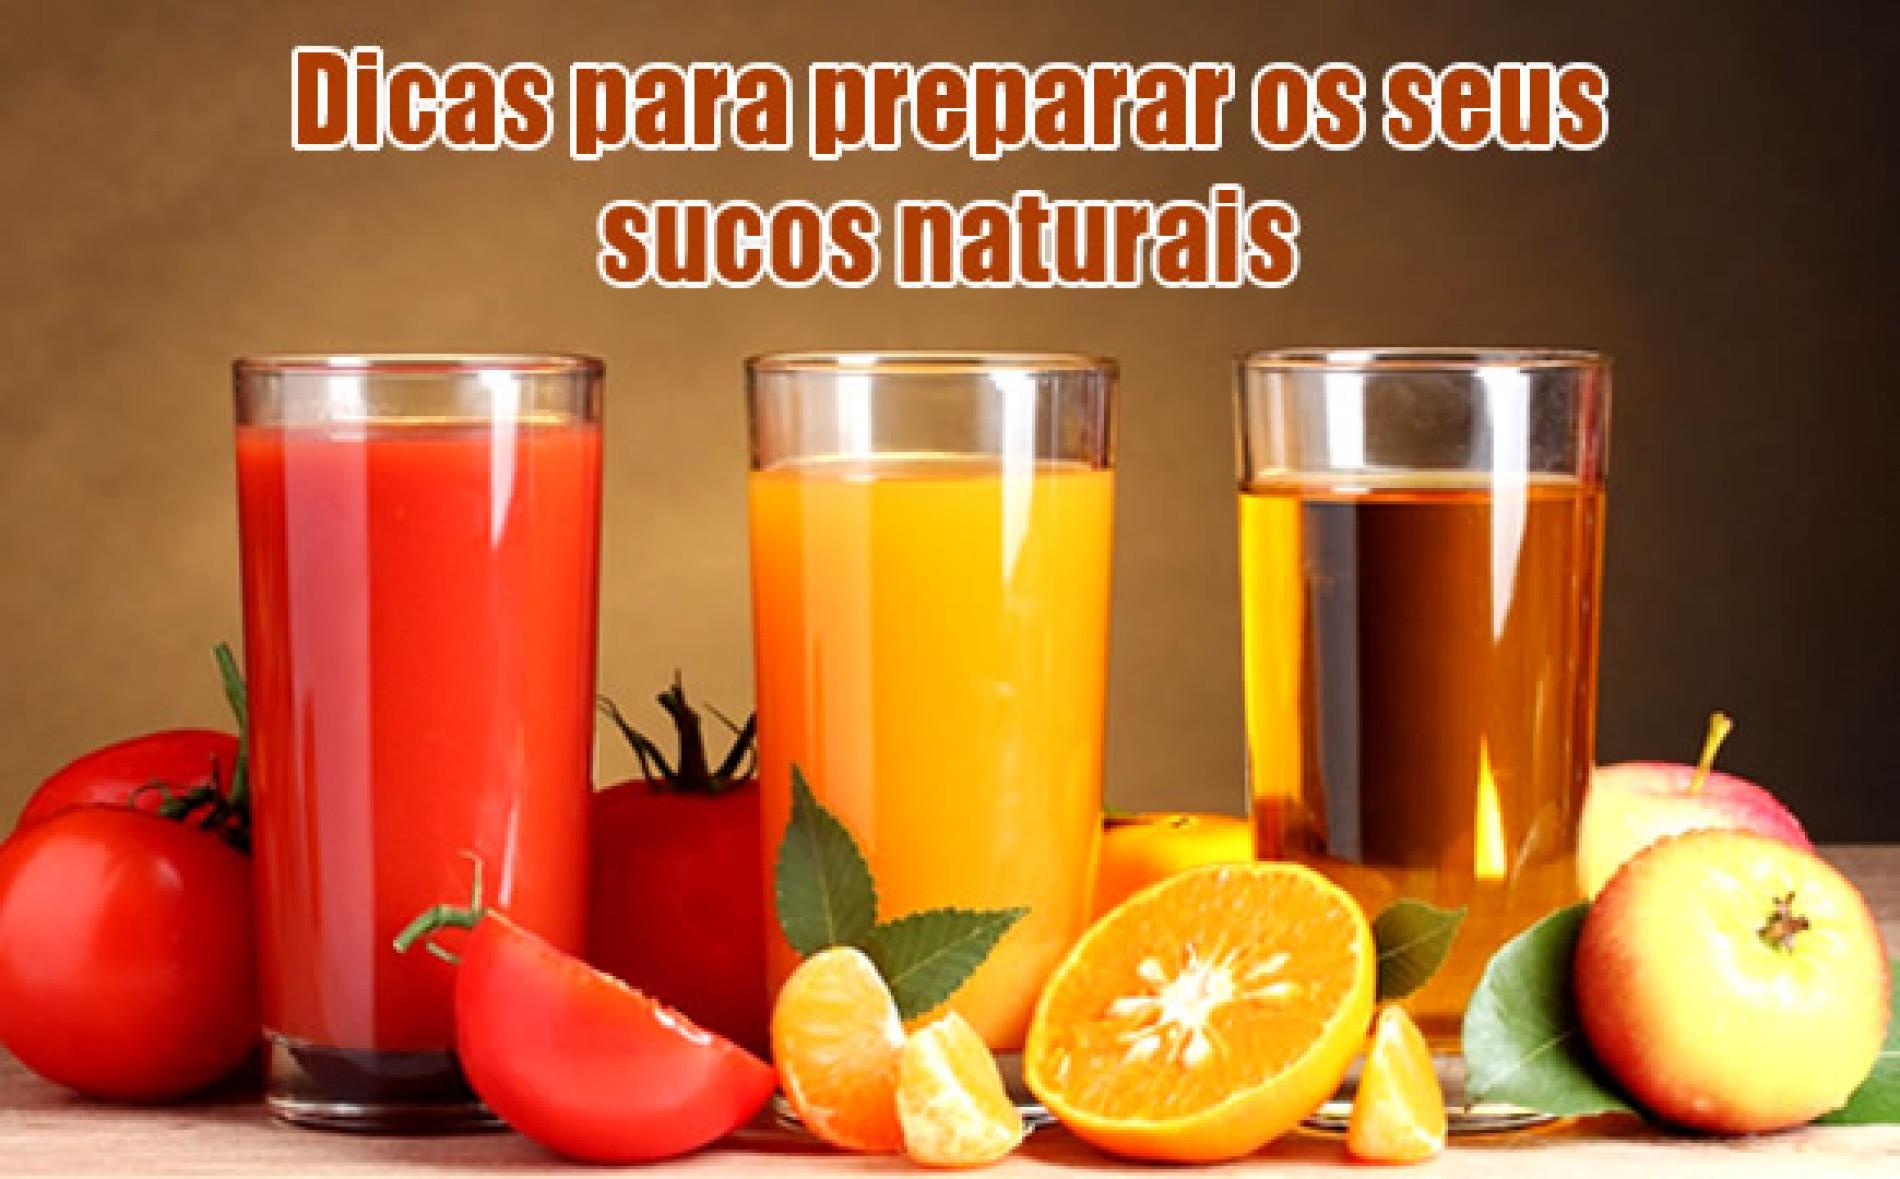 Dicas e recomendações para preparar seus sucos naturais